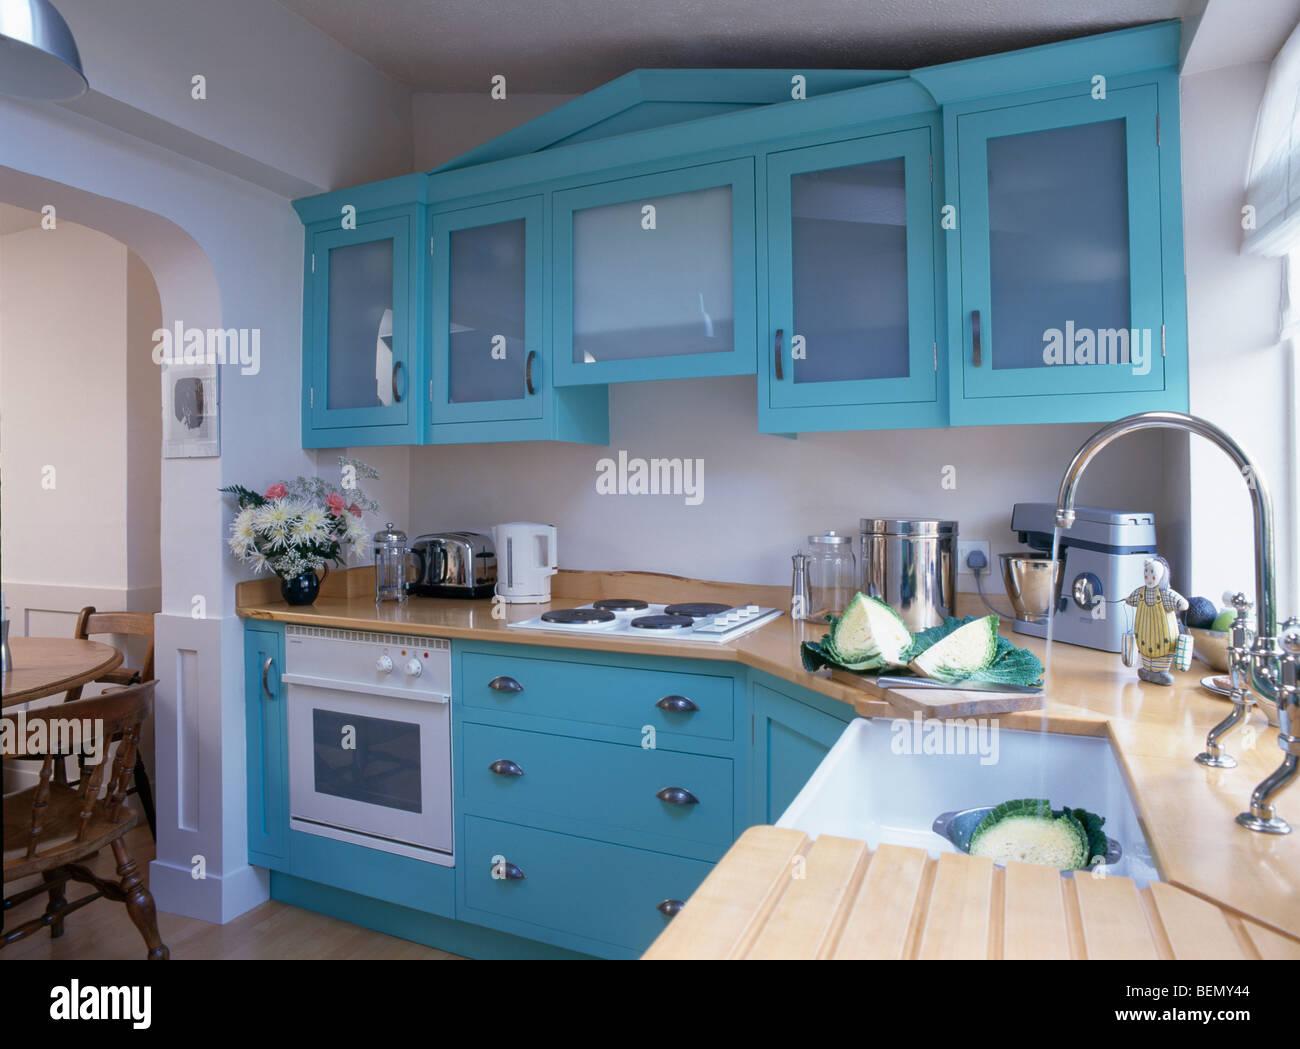 Tolle Kücheninsel Einheiten Zeitgenössisch - Küchenschrank Ideen ...